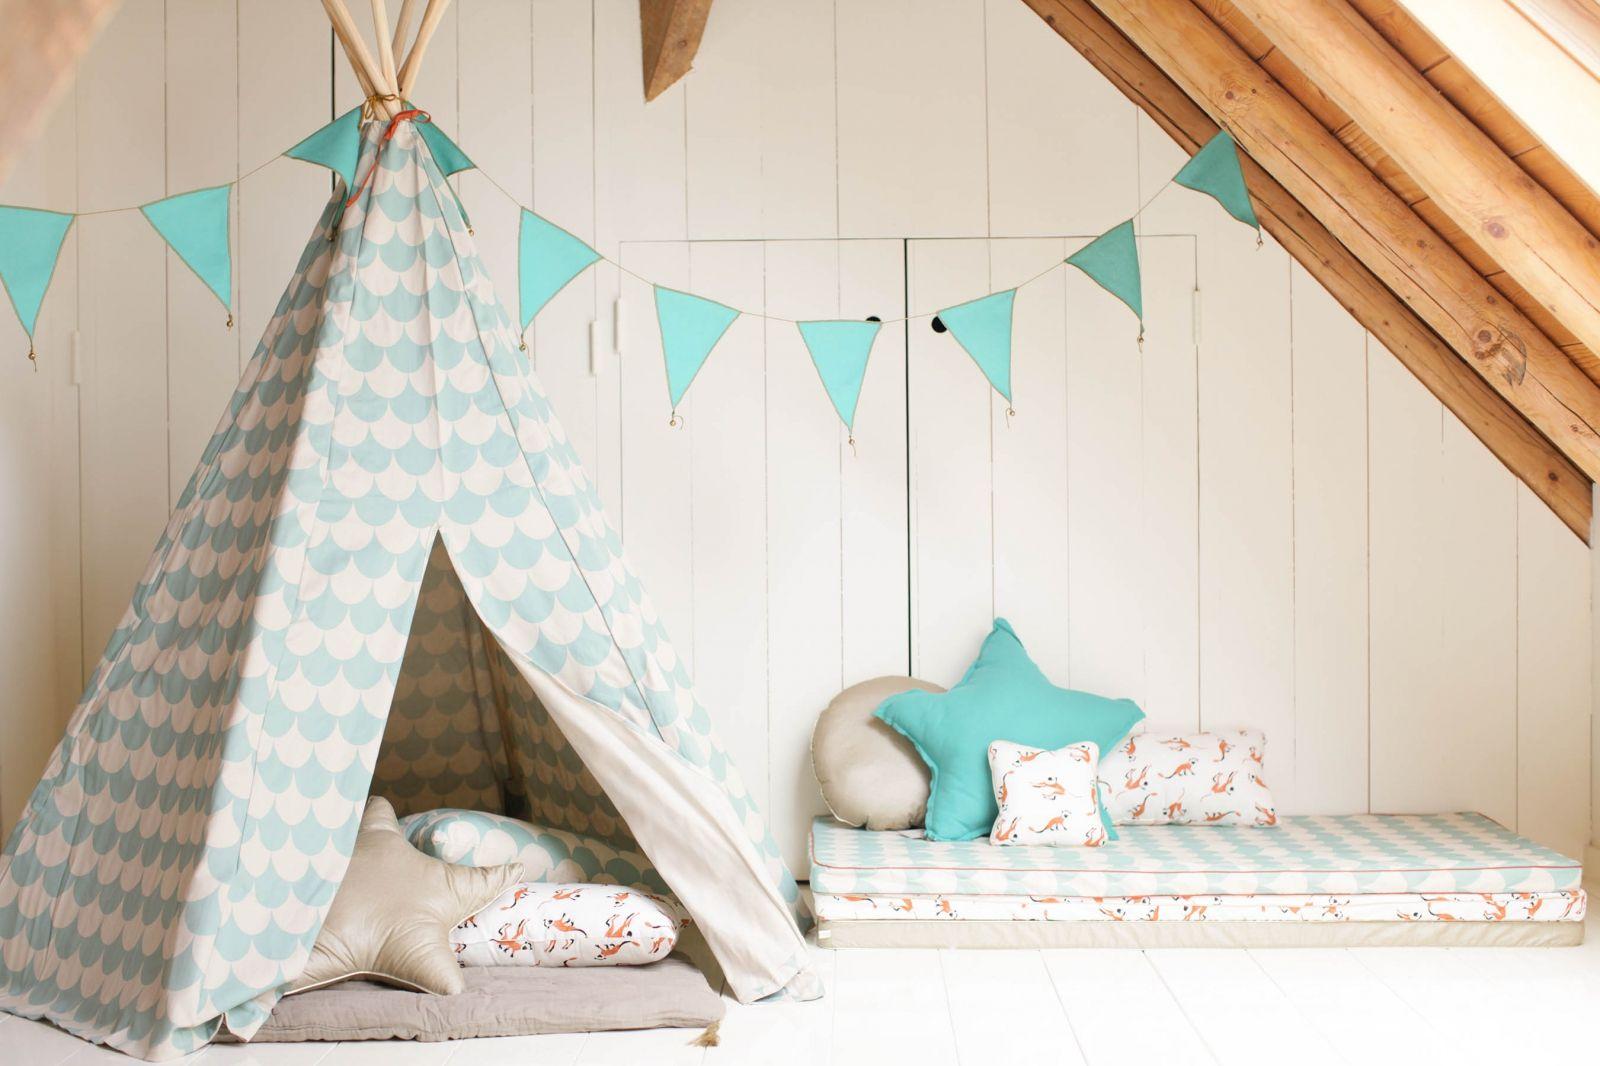 Tipi Tent Kinderkamer : Maak je eigen tipi tent voor in de kinderkamer met deze stappen